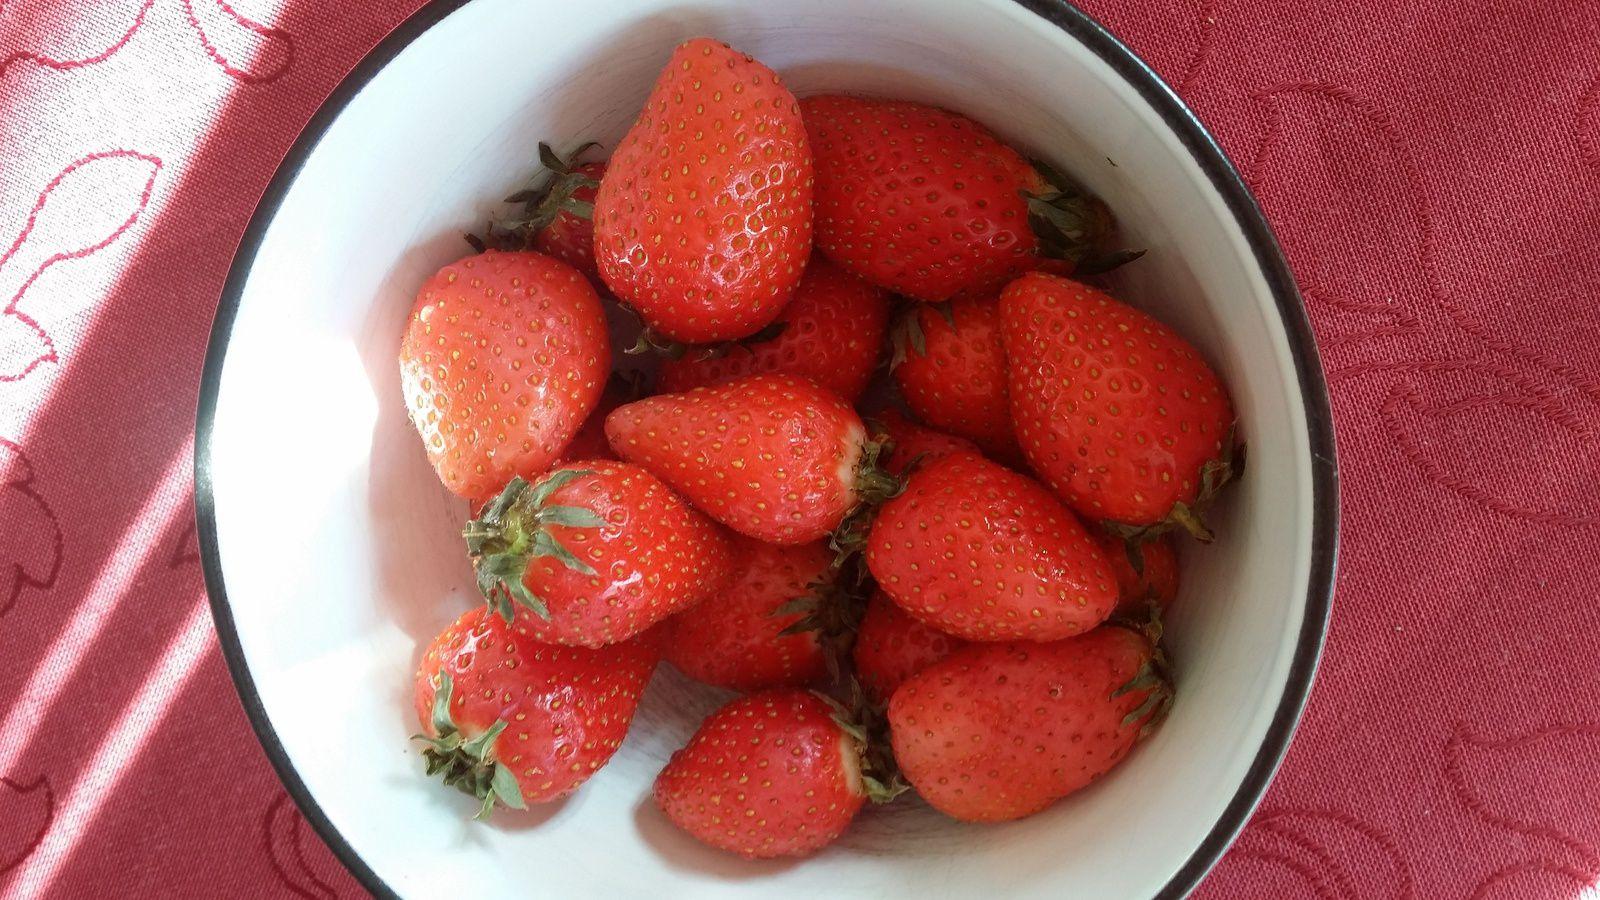 Premières fraises de saison...